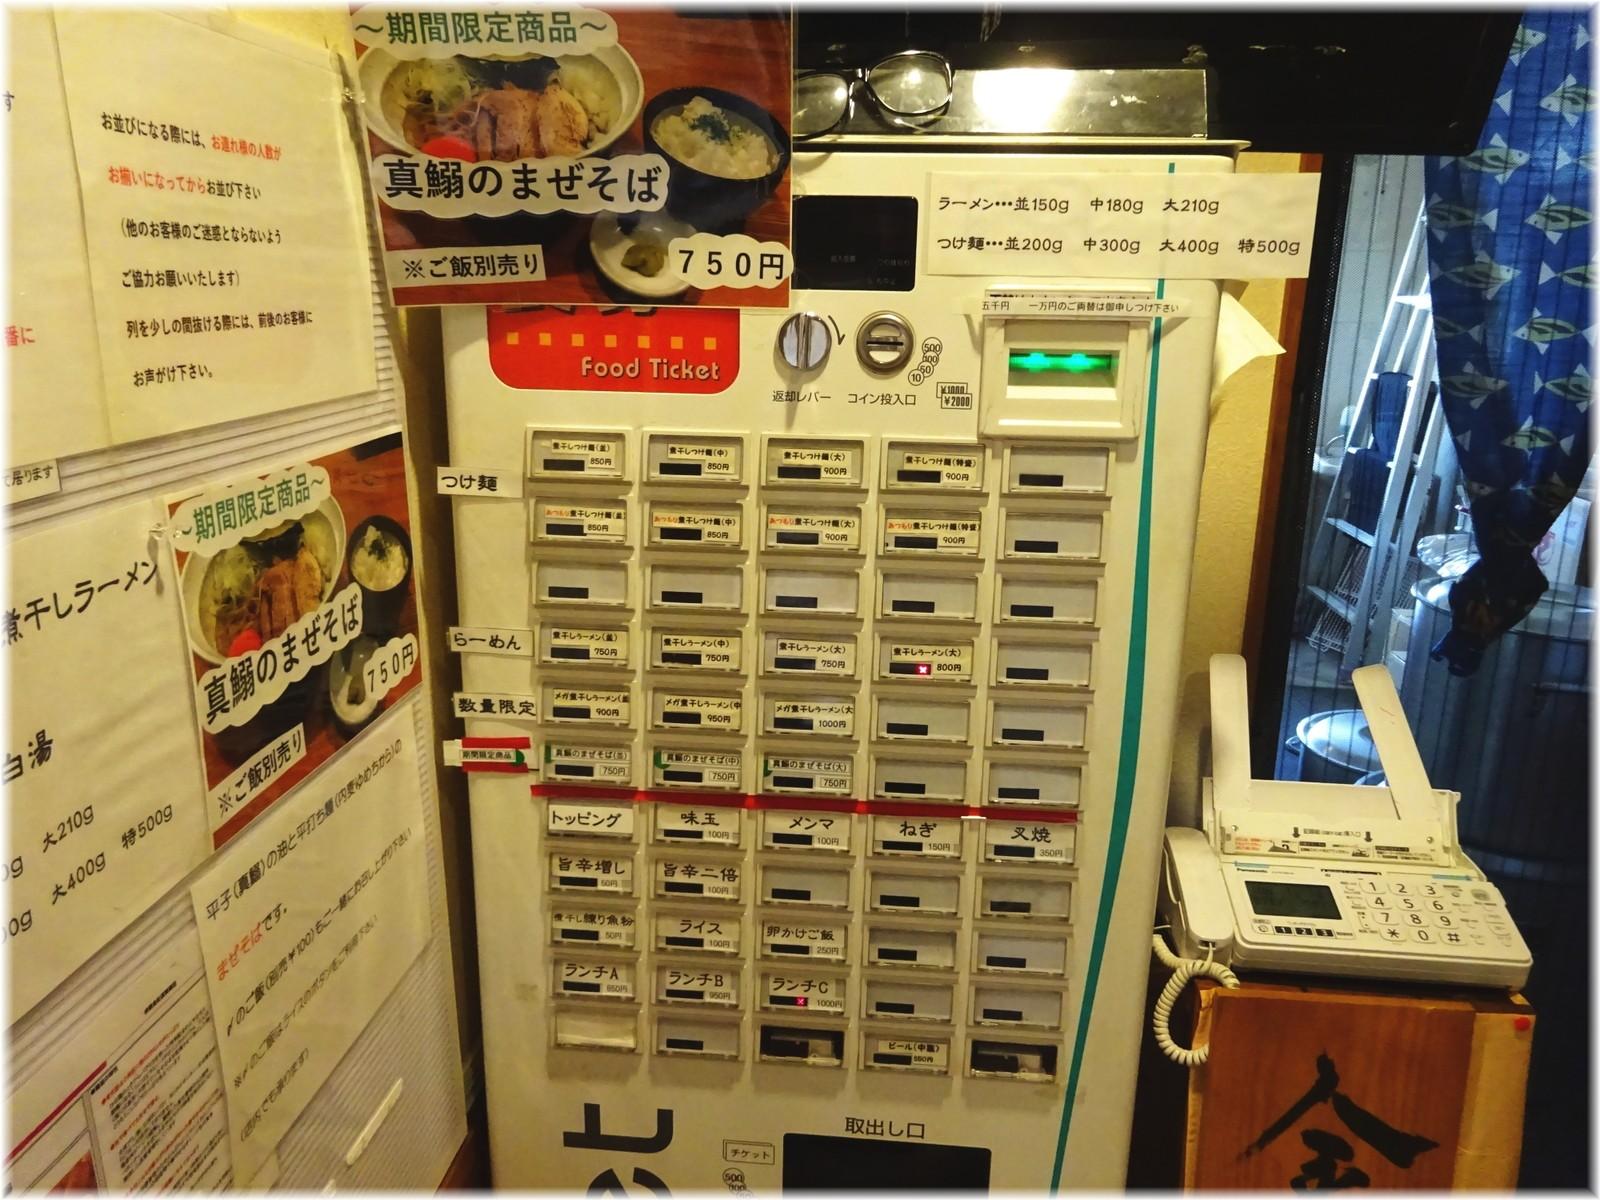 麺屋ひな多2 食券機